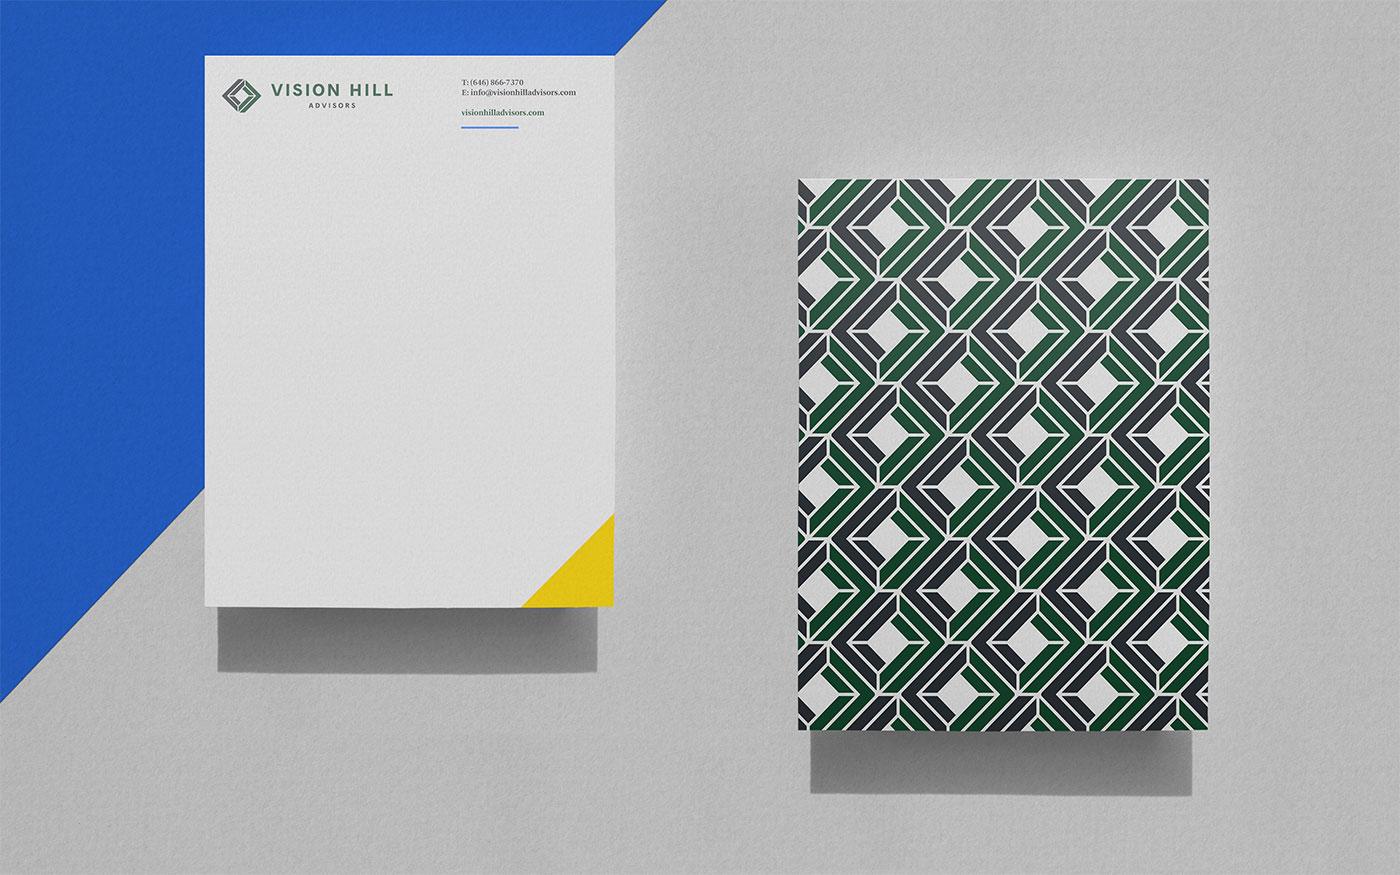 Outfit Branding & Design Vision Hill Advisors Letterhead